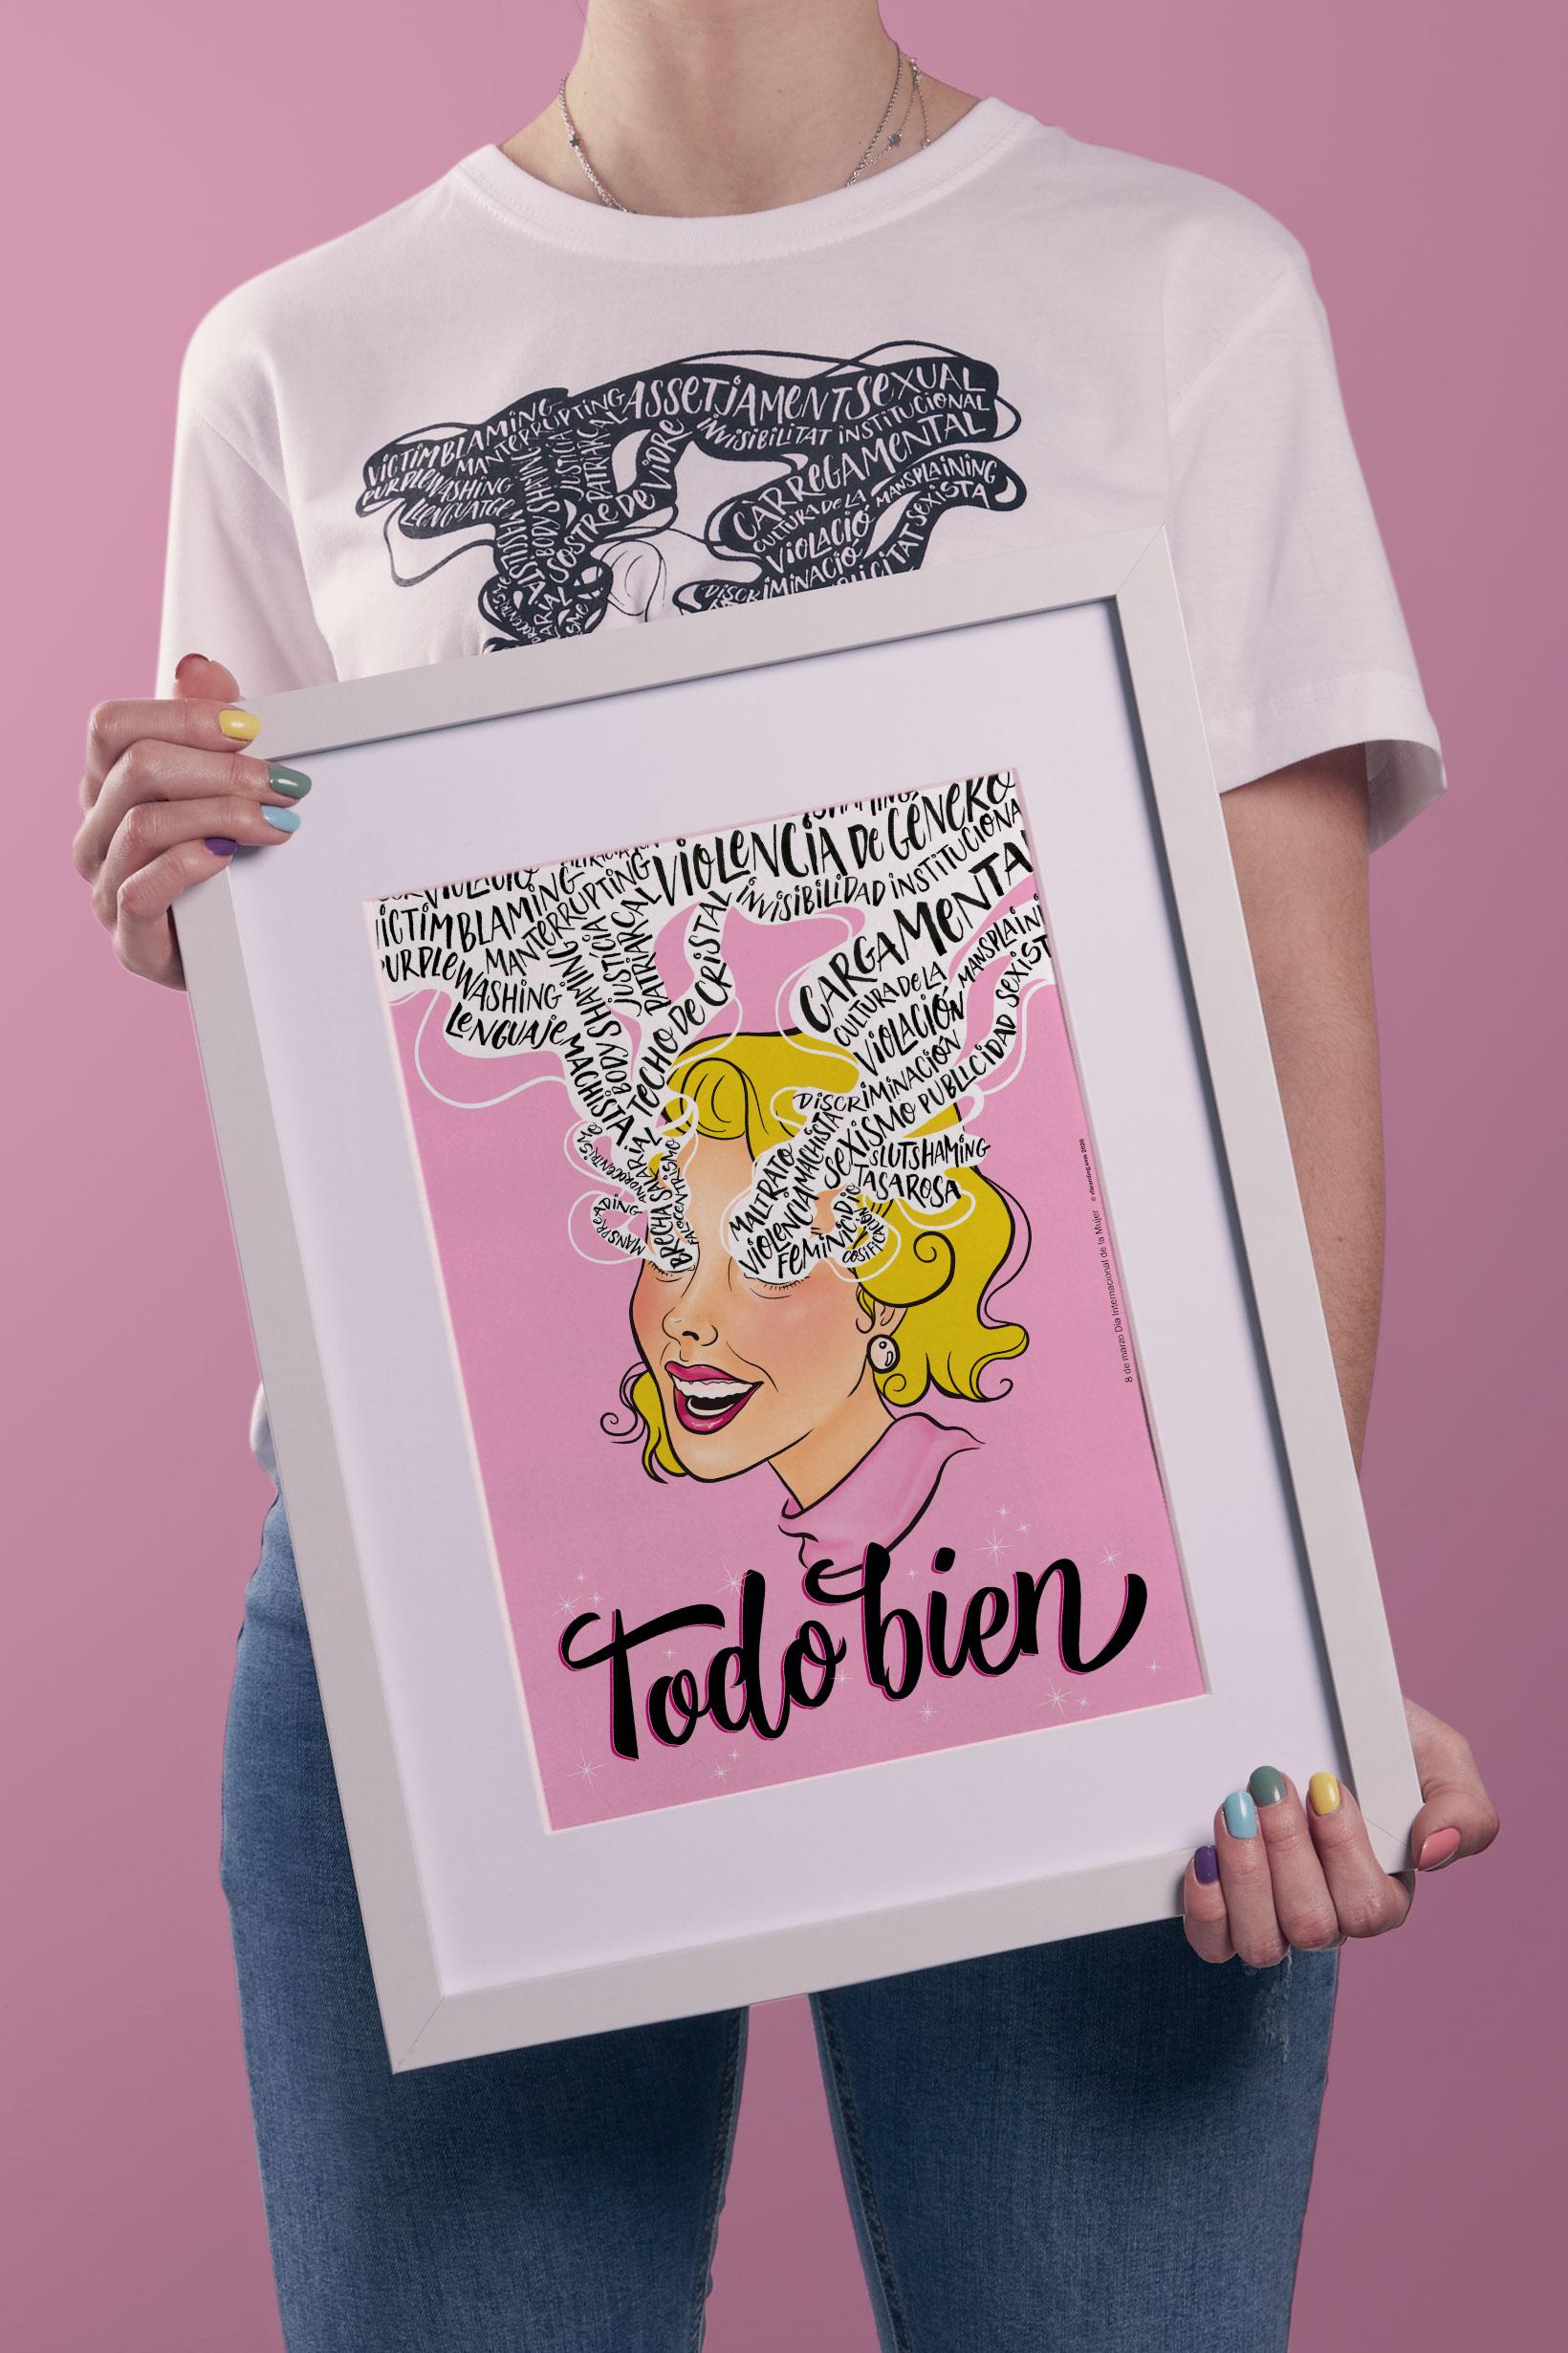 8 de marzo Vibranding Día Internacional de la Mujer feminismo lucha activismo gráfico diseño poster marco cartel manos empoderamiento sororidad